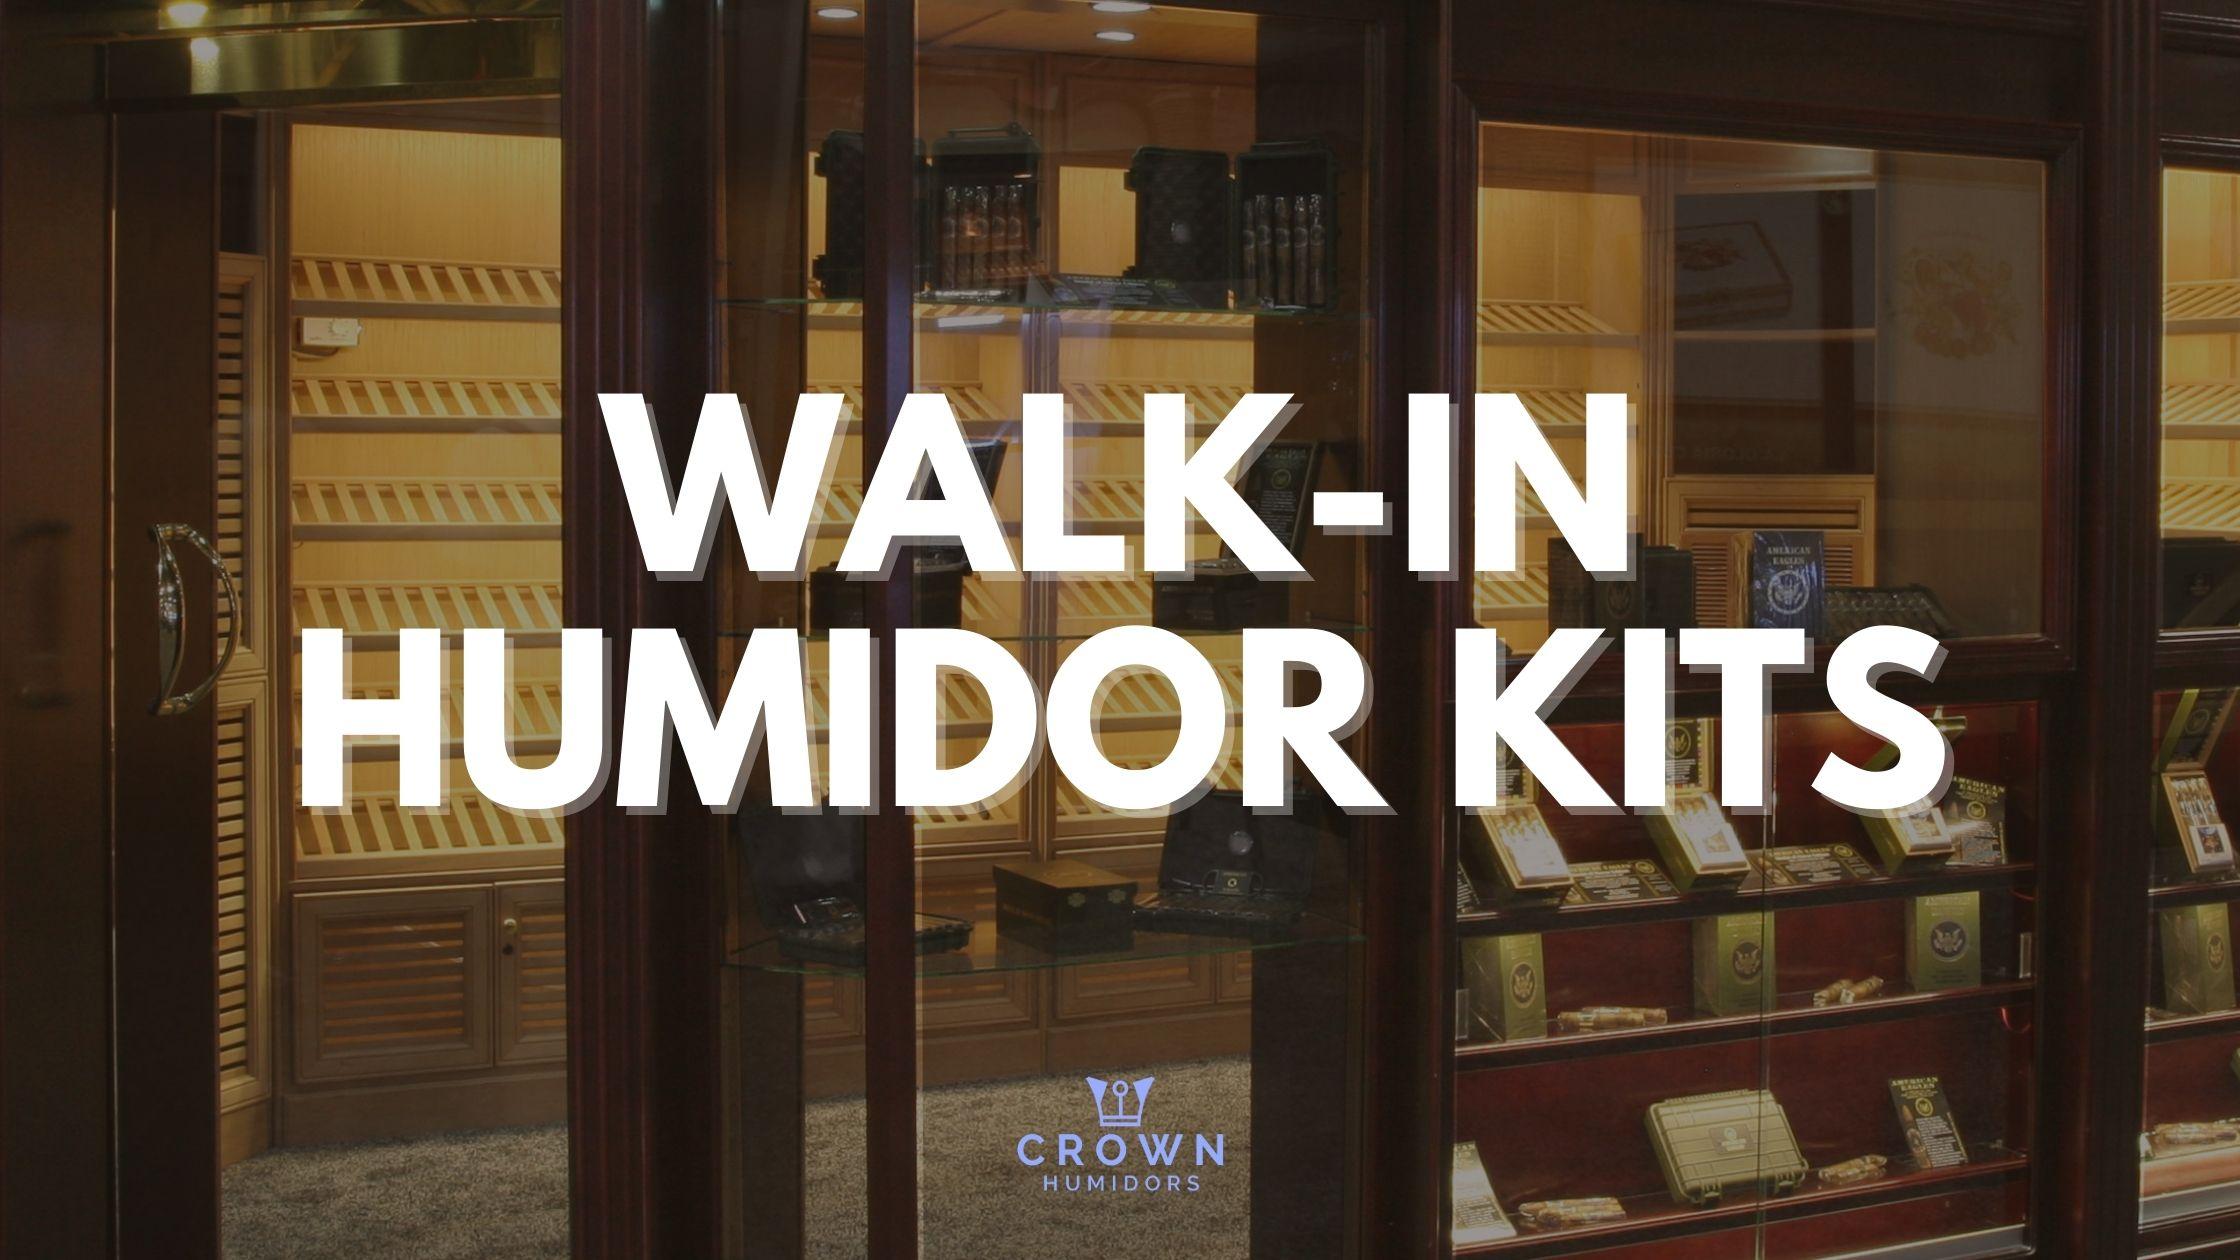 WALK-IN HUMIDOR KITS.